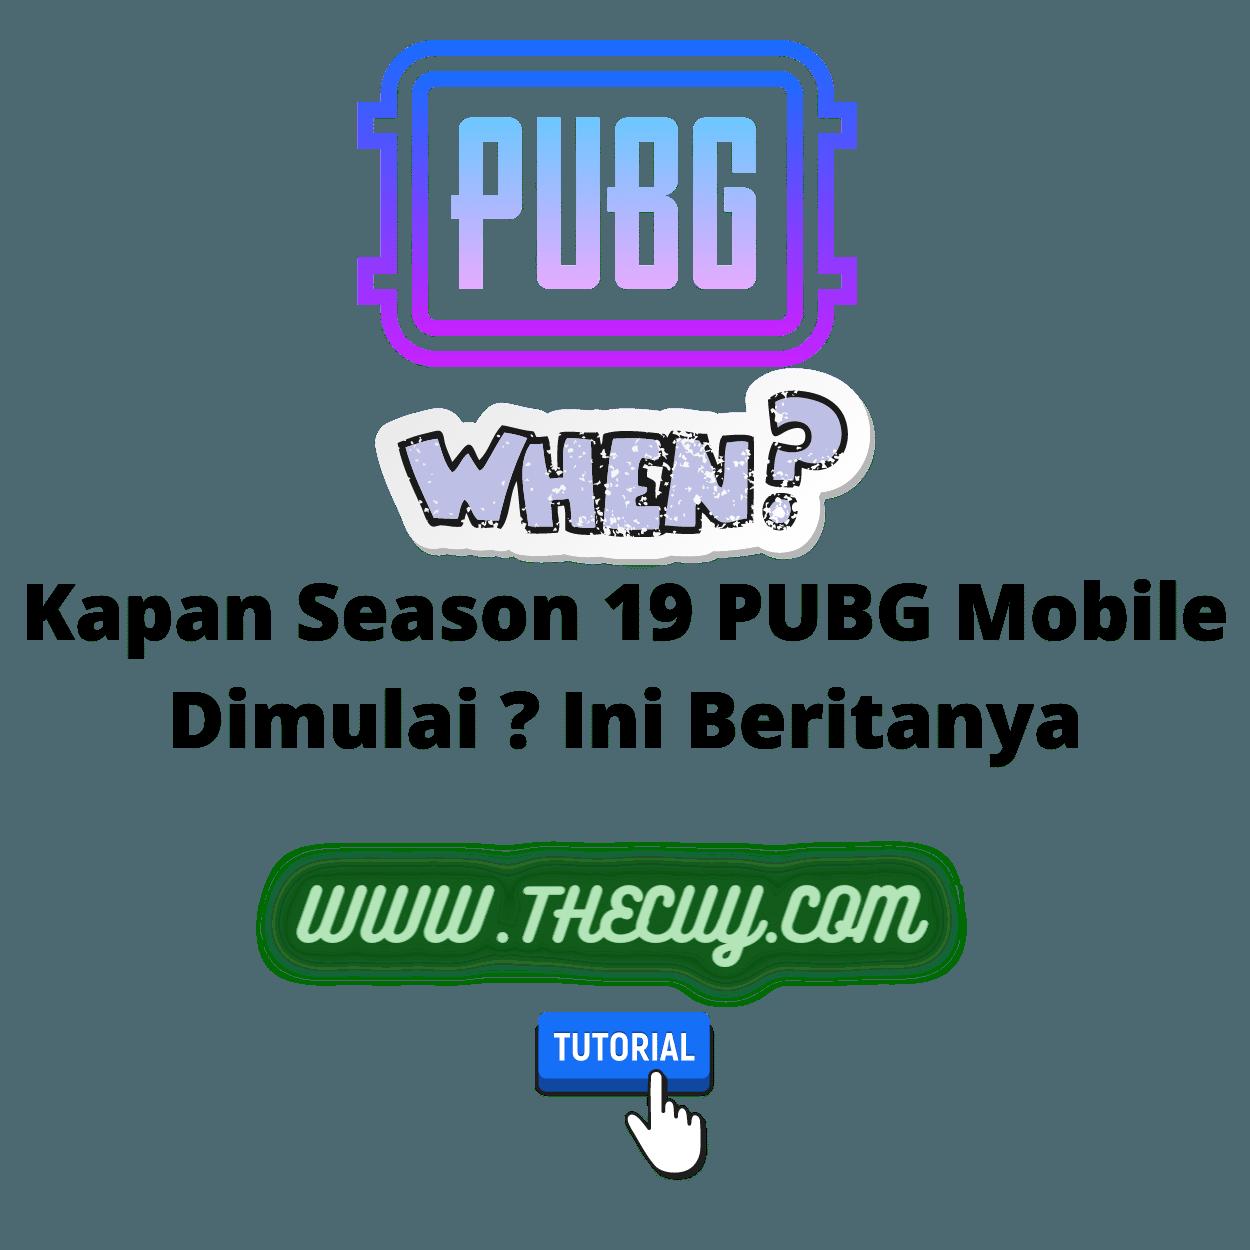 Kapan Season 19 PUBG Mobile Dimulai ? Ini Beritanya